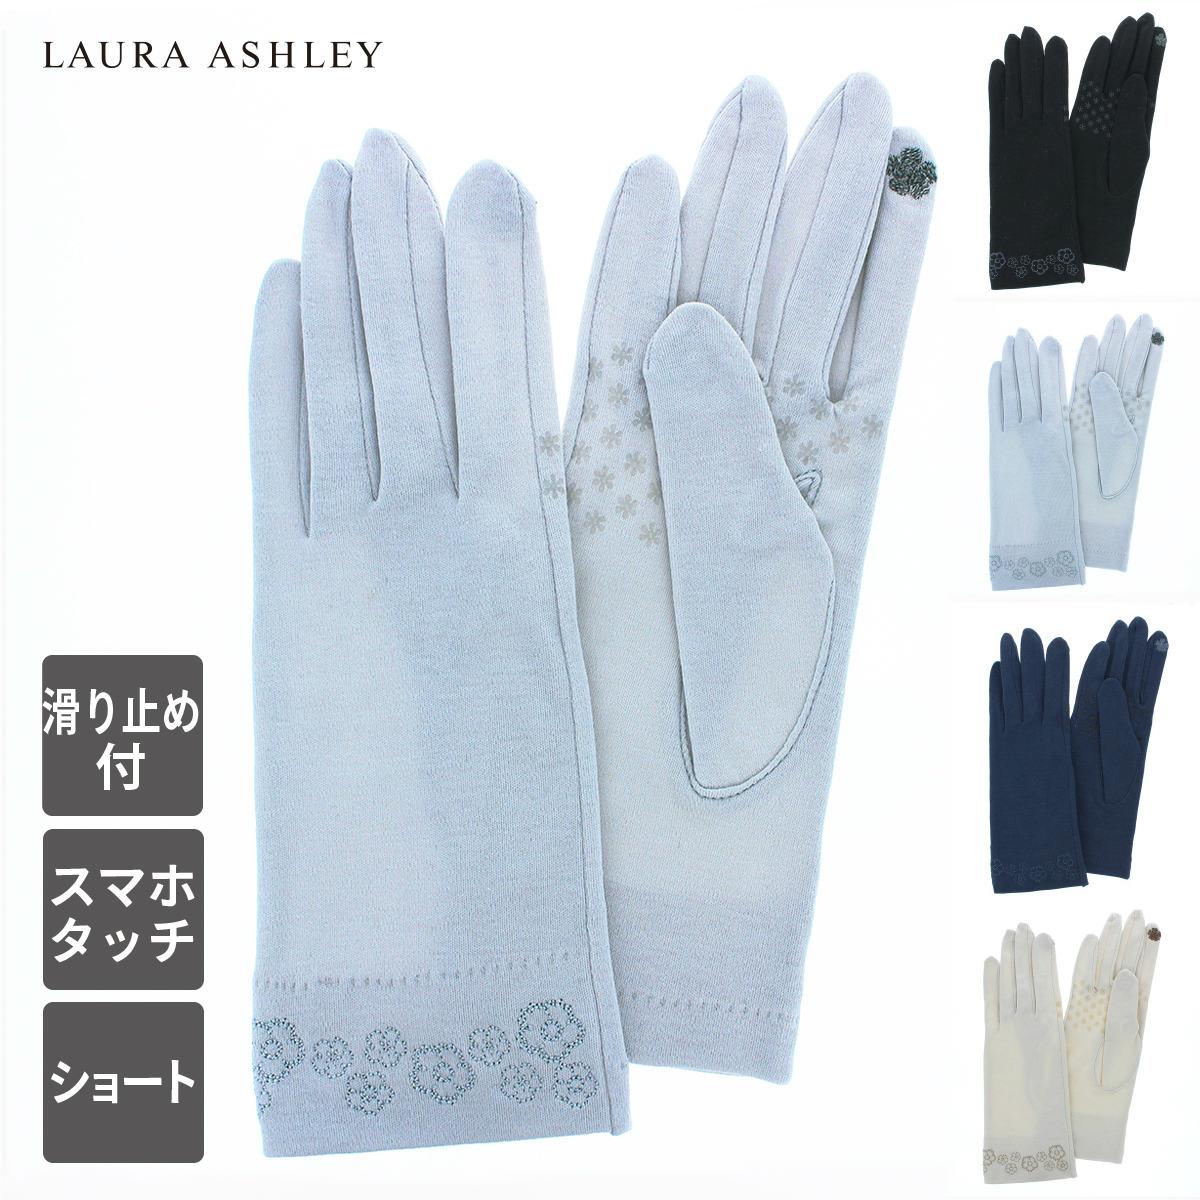 ローラ アシュレイ 五本指 UVカット UV手袋   てぶくろ ギフト プレゼント 24cm ショート丈 スマホ対応 綿100% おしゃれ 通勤 通学